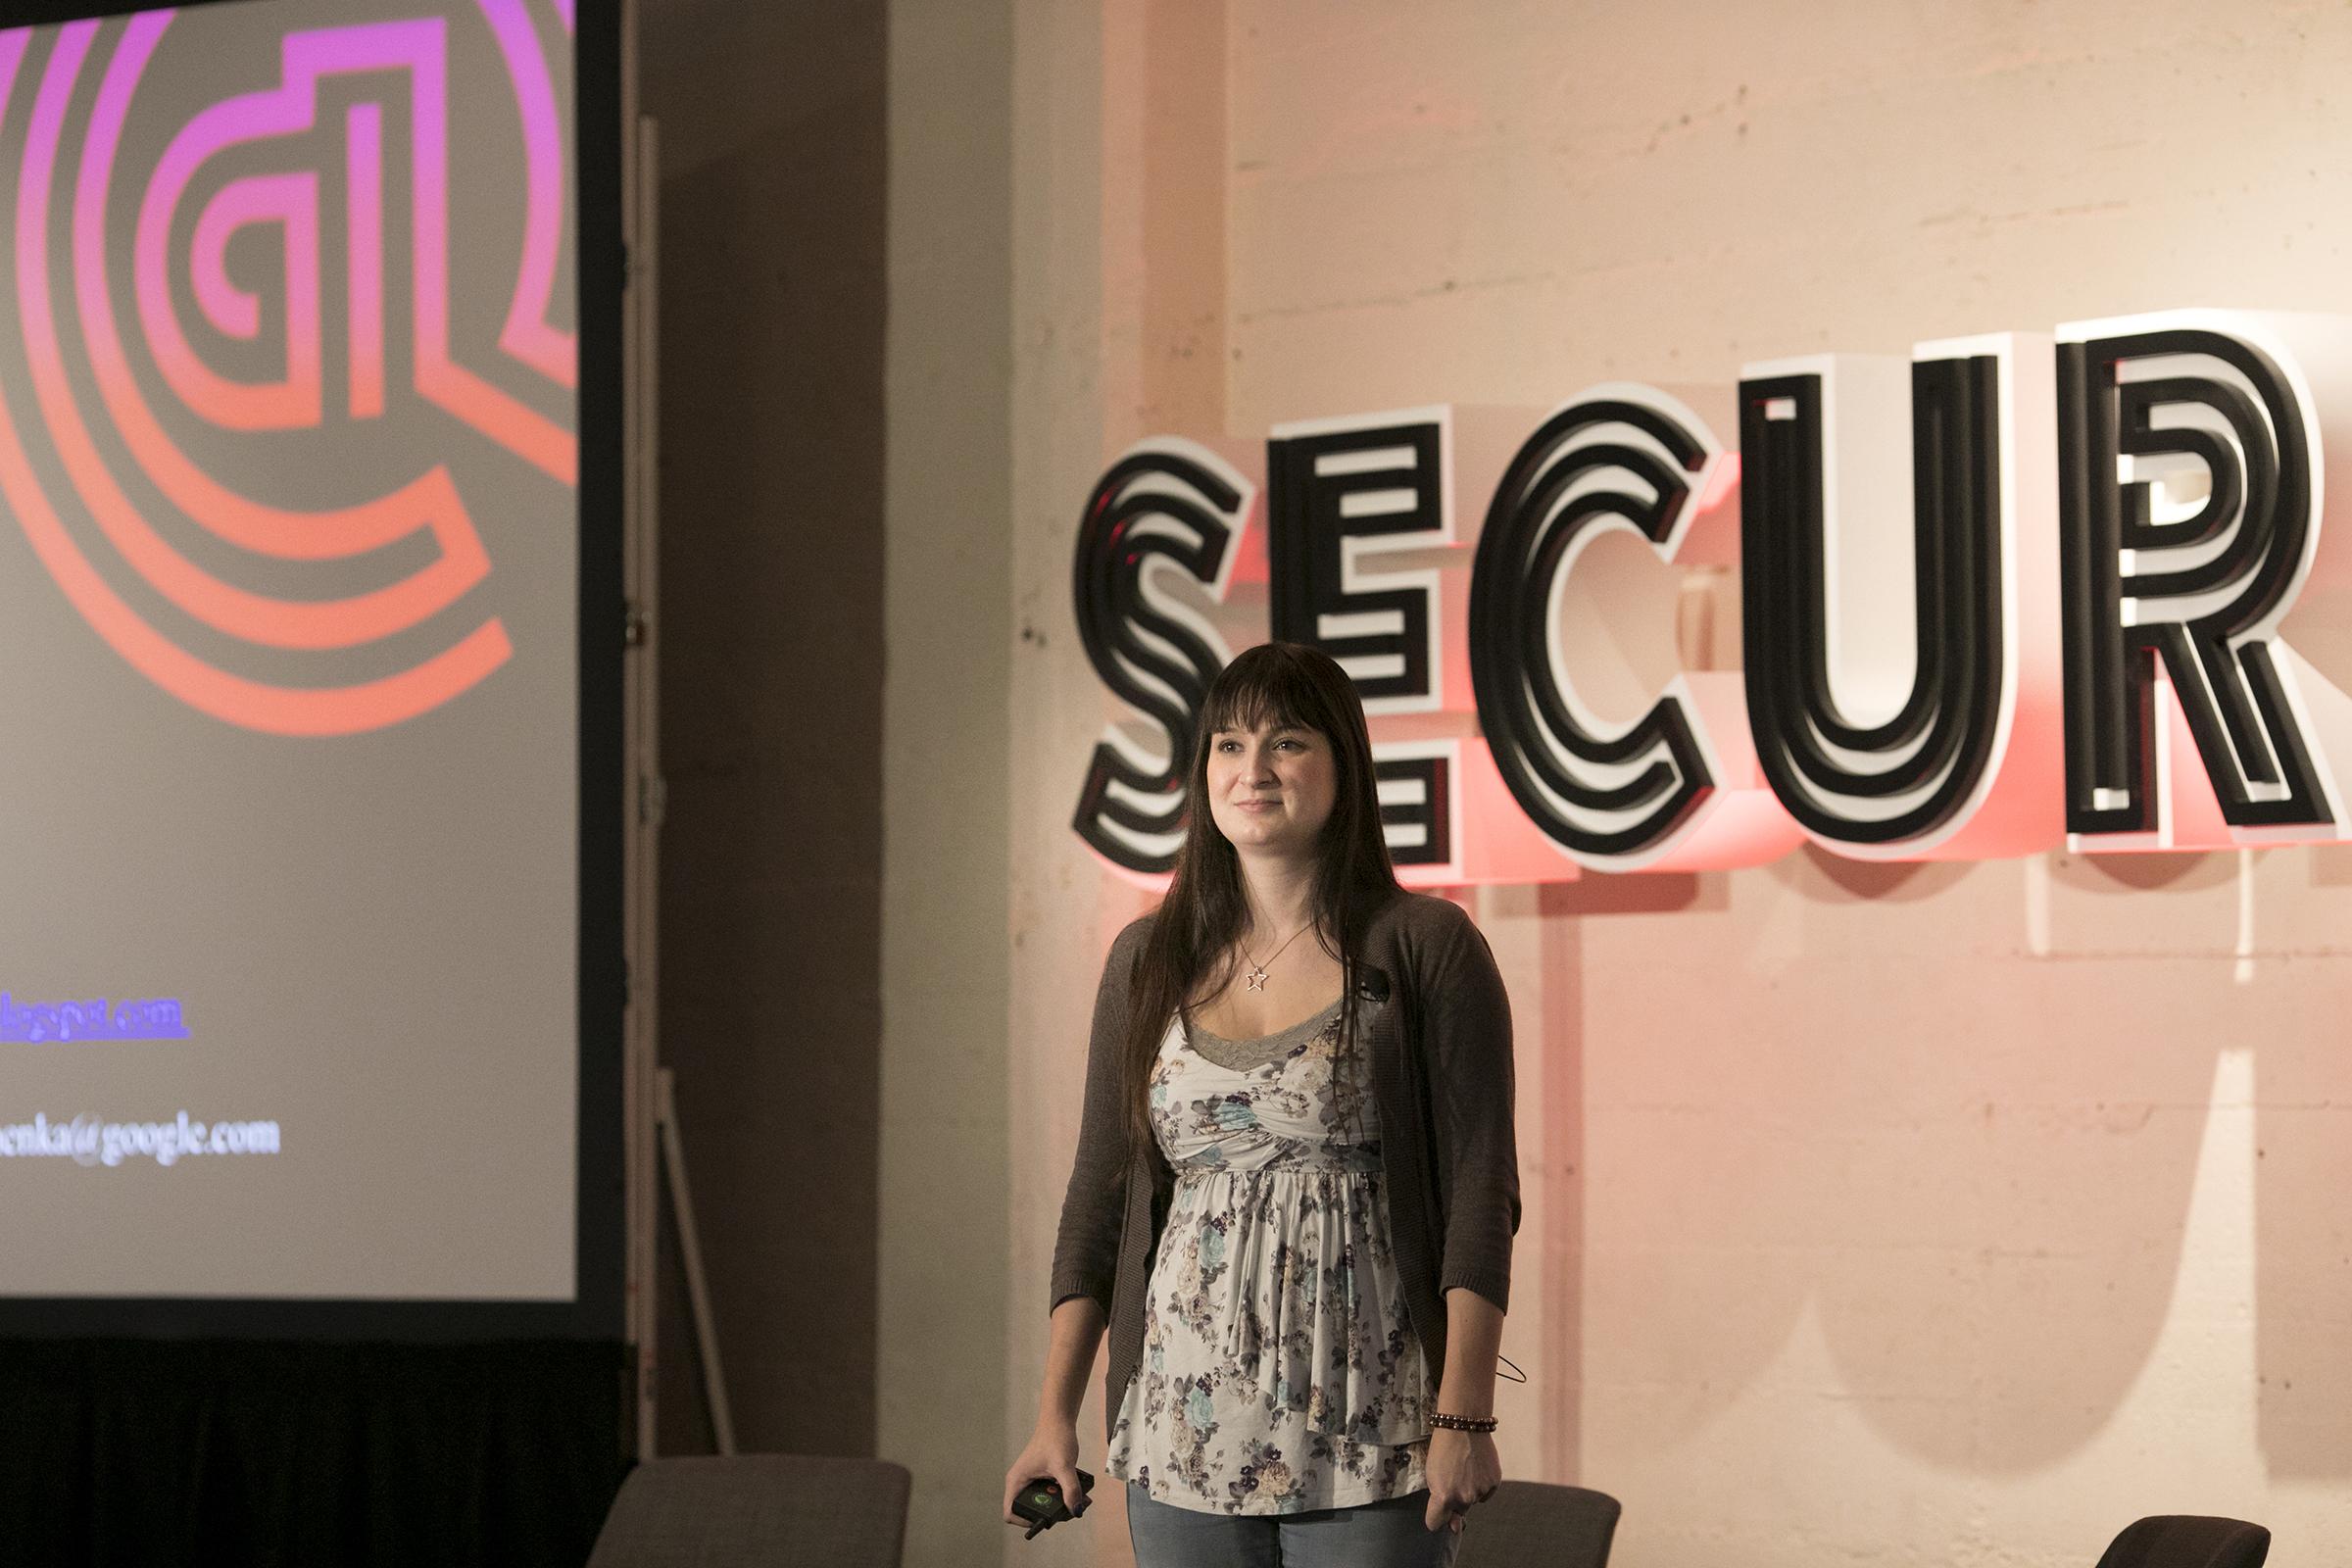 Security_KelseyFloyd_Print_059.jpg